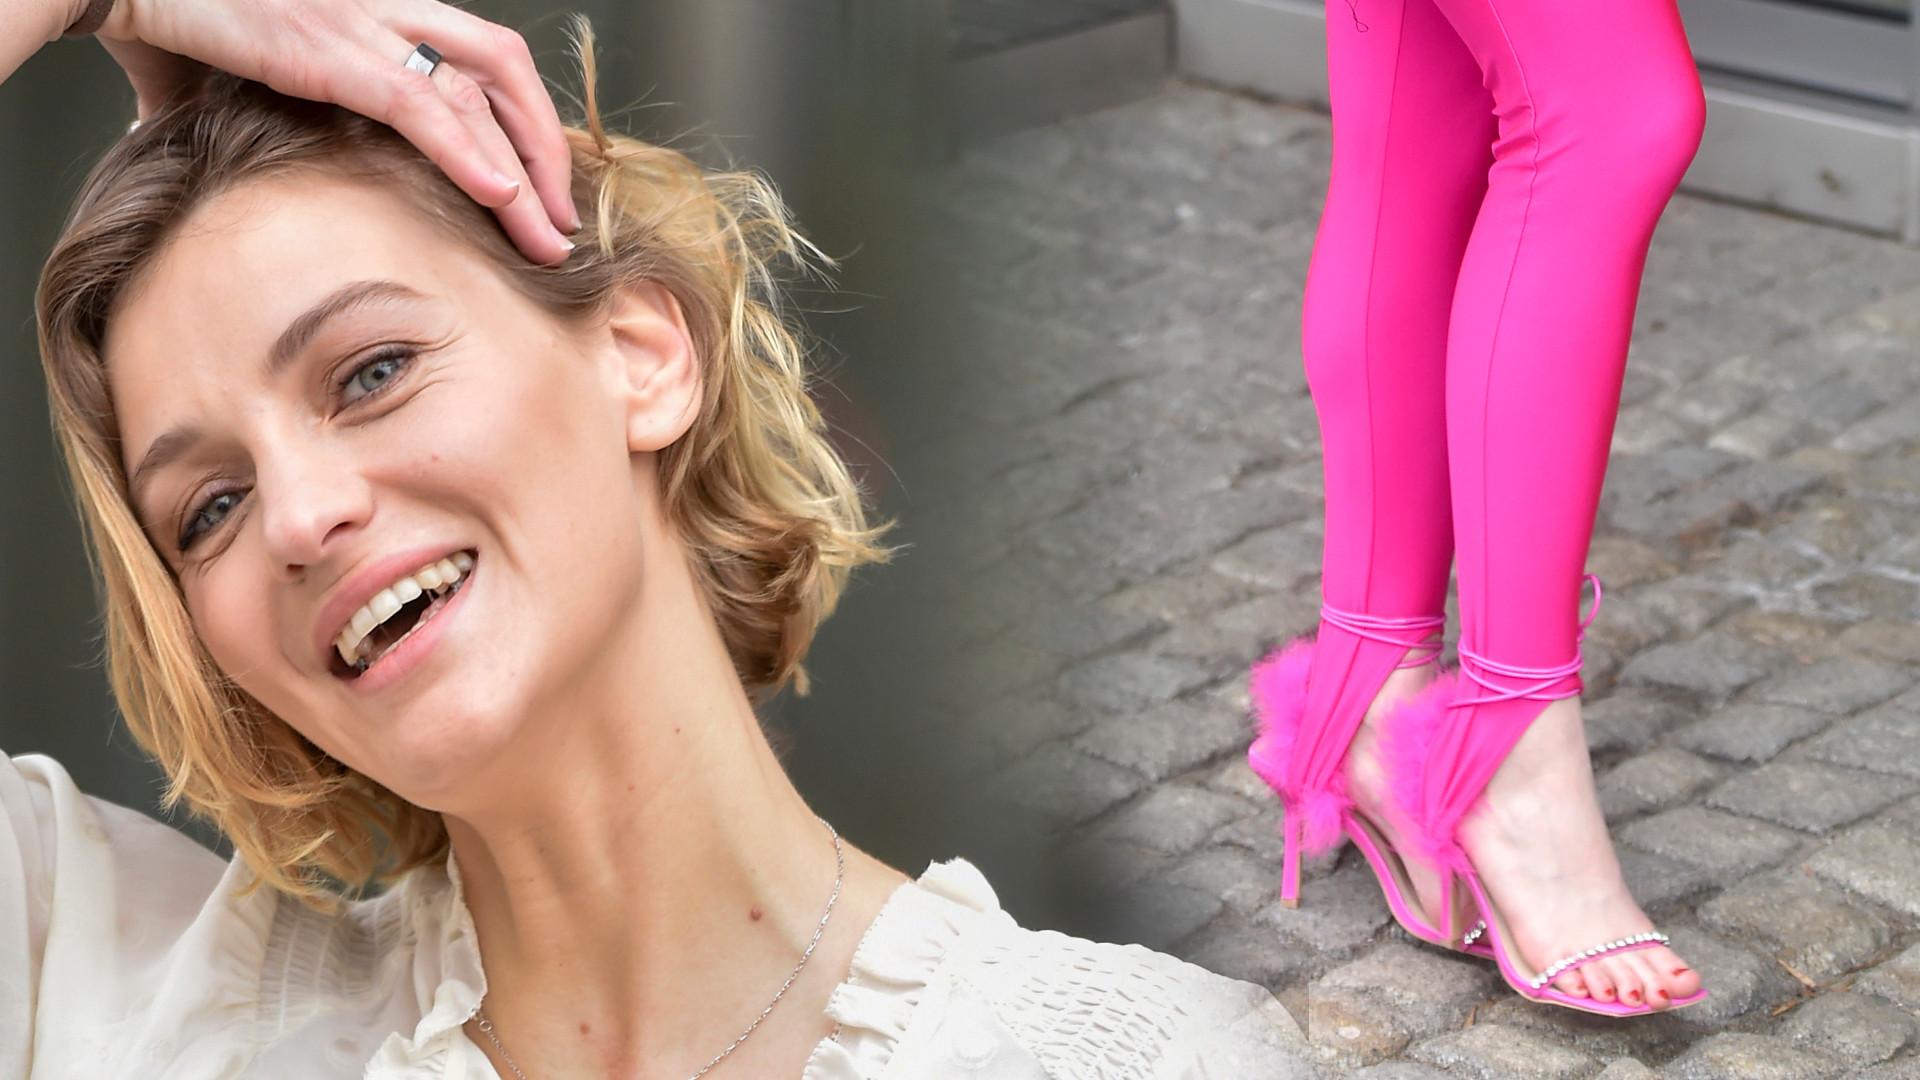 Gwiazdy DD TVN: Uśmiechnięta Renata Kaczoruk, piosenkarka w różowych legginsach (ZDJĘCIA)